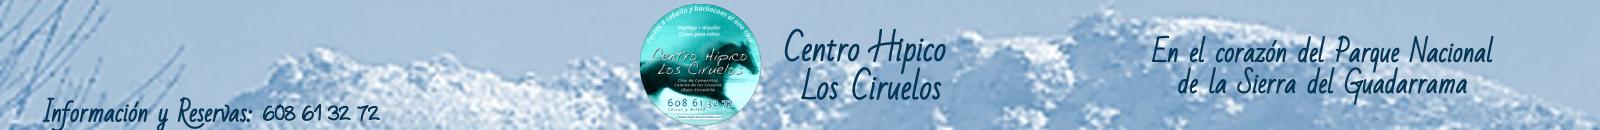 Centro Hipico Los Ciruelos